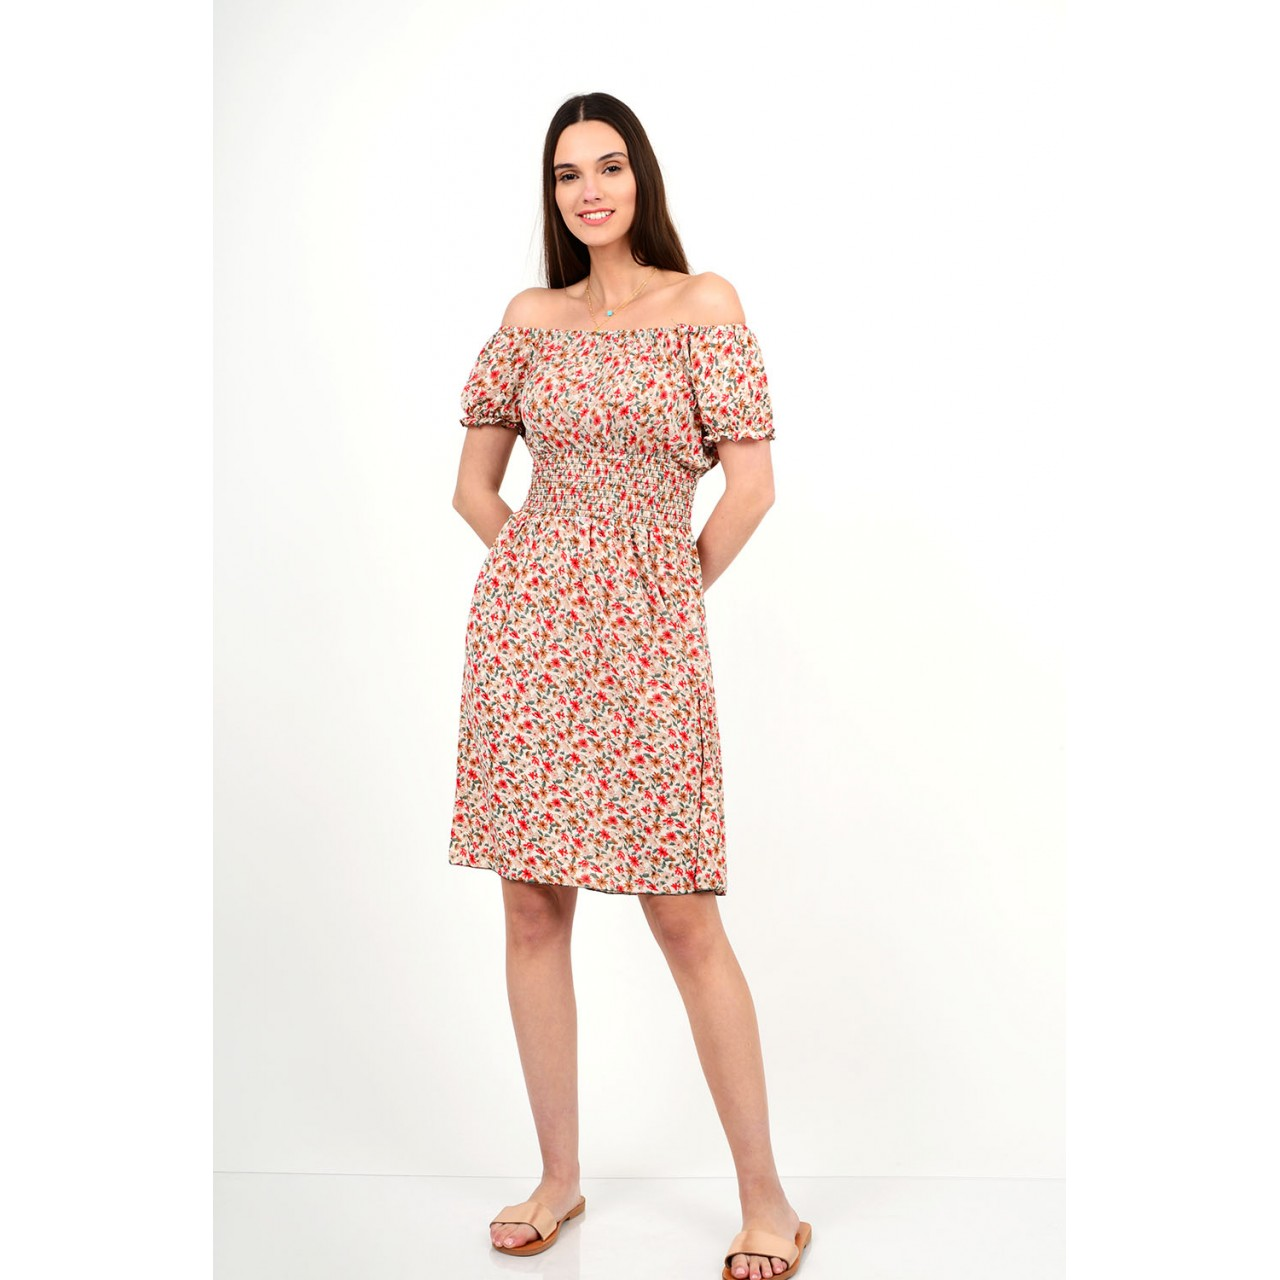 443.Φόρεμα μίντι φλοράλ με λάστιχο